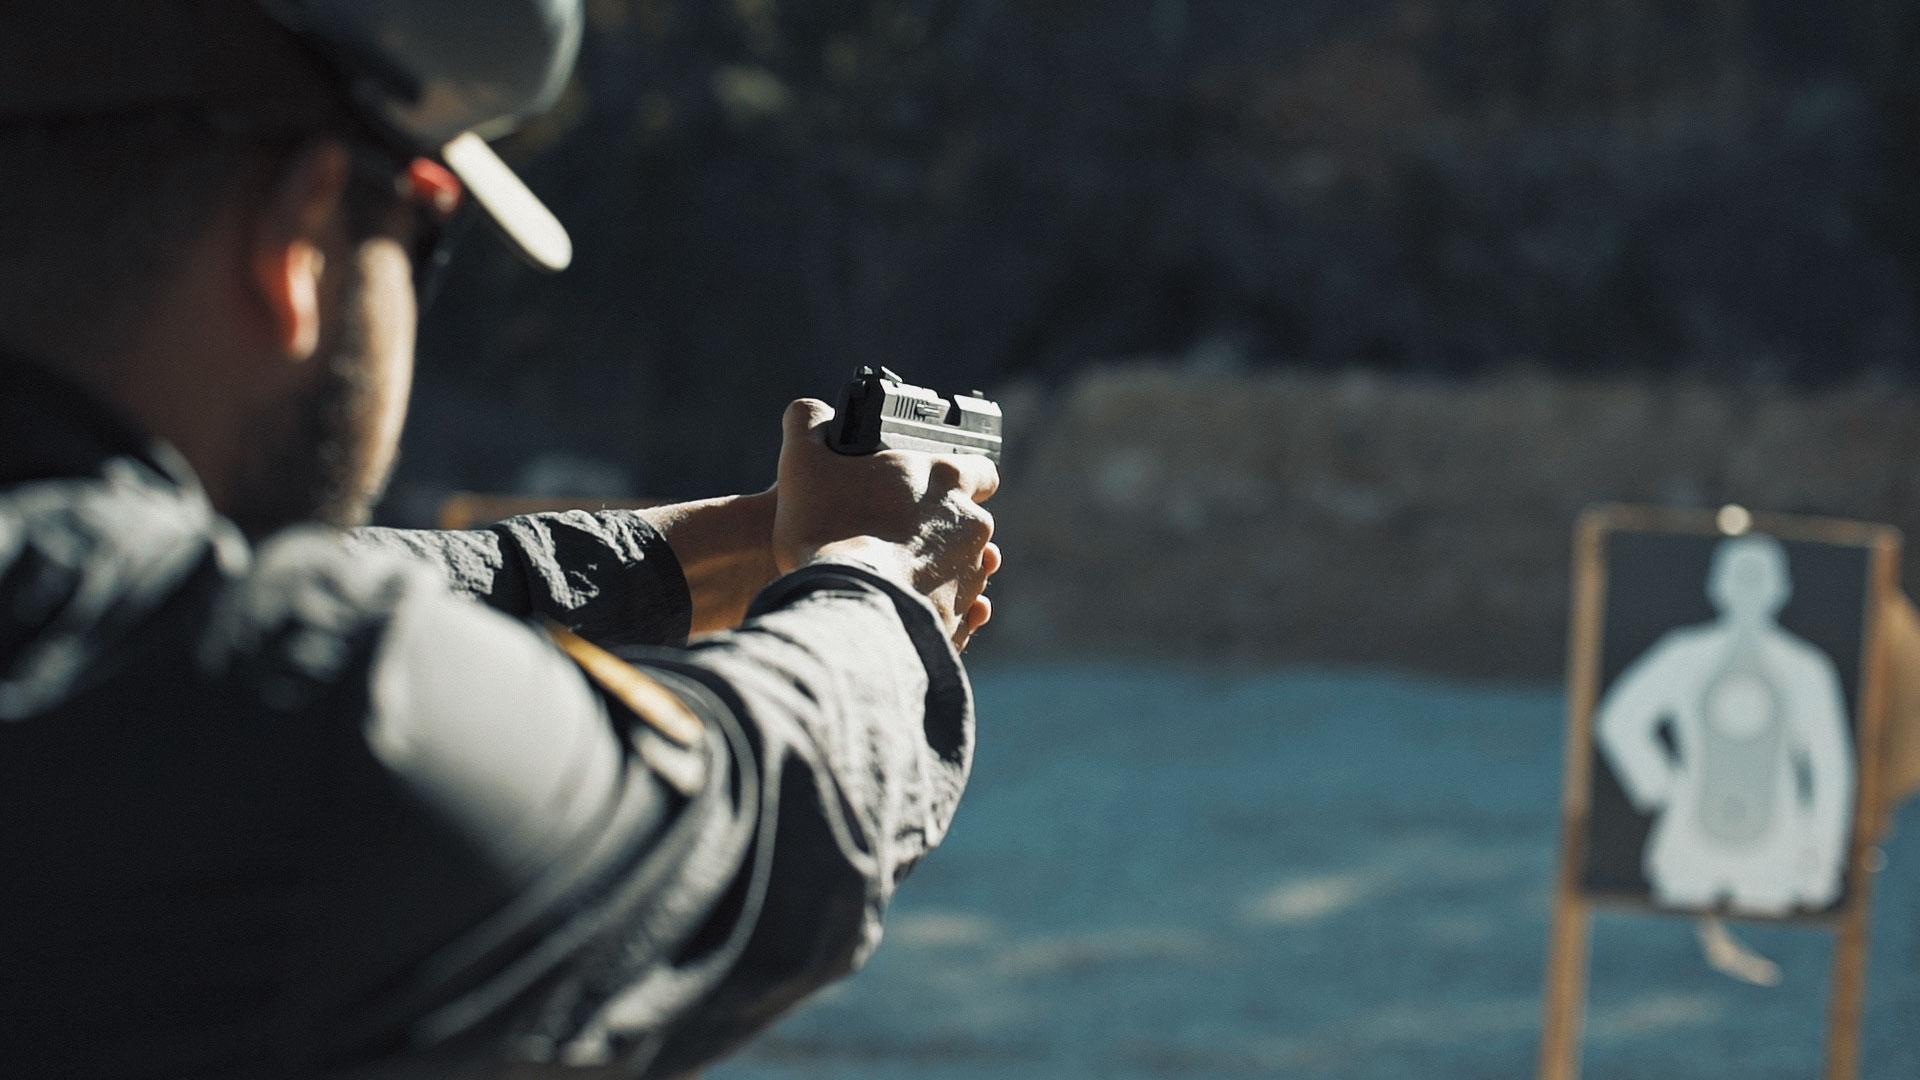 Tiro com Pistola – Nível 2 (Intermediário)